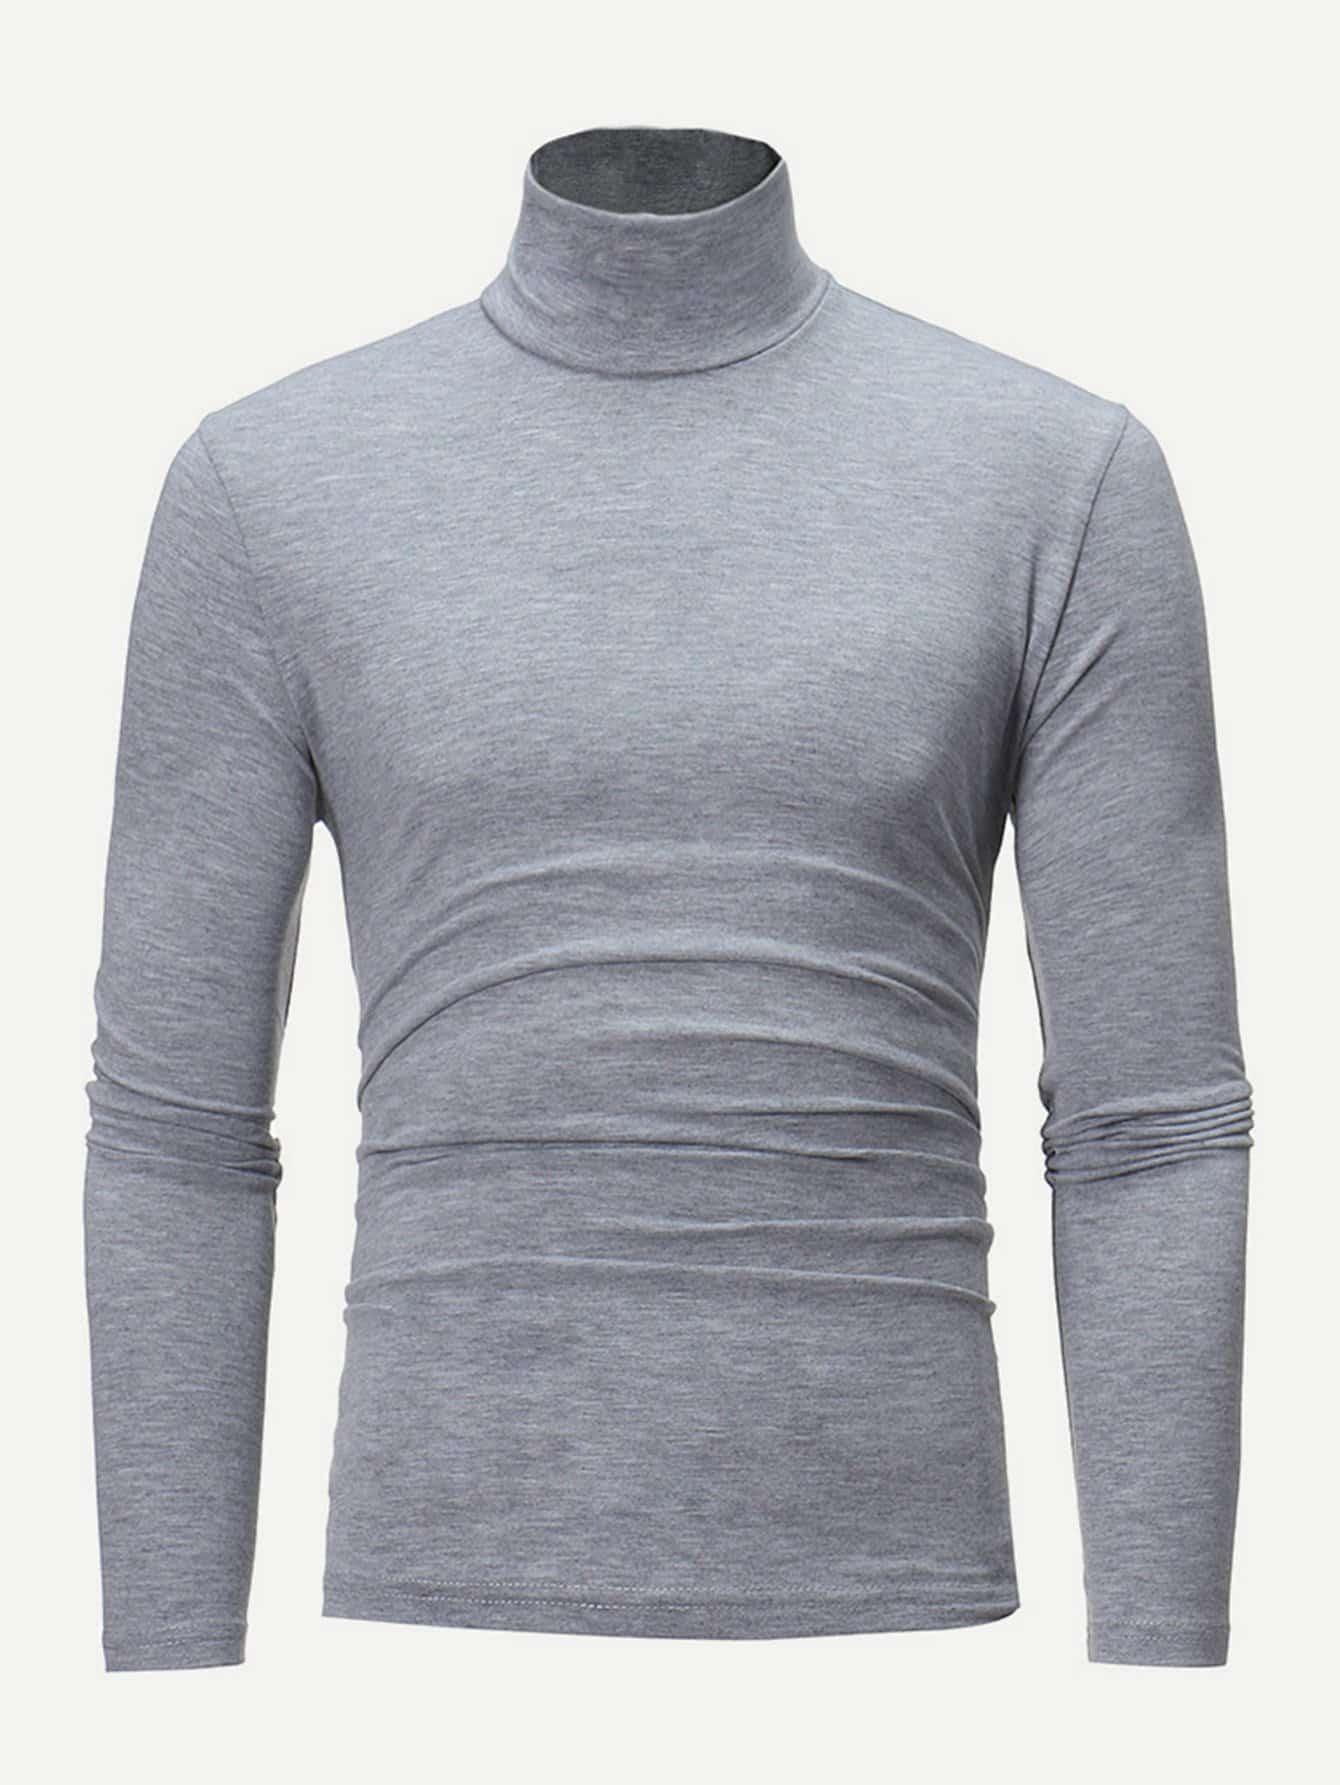 Купить Мужская простая футболка с высоким воротником, null, SheIn